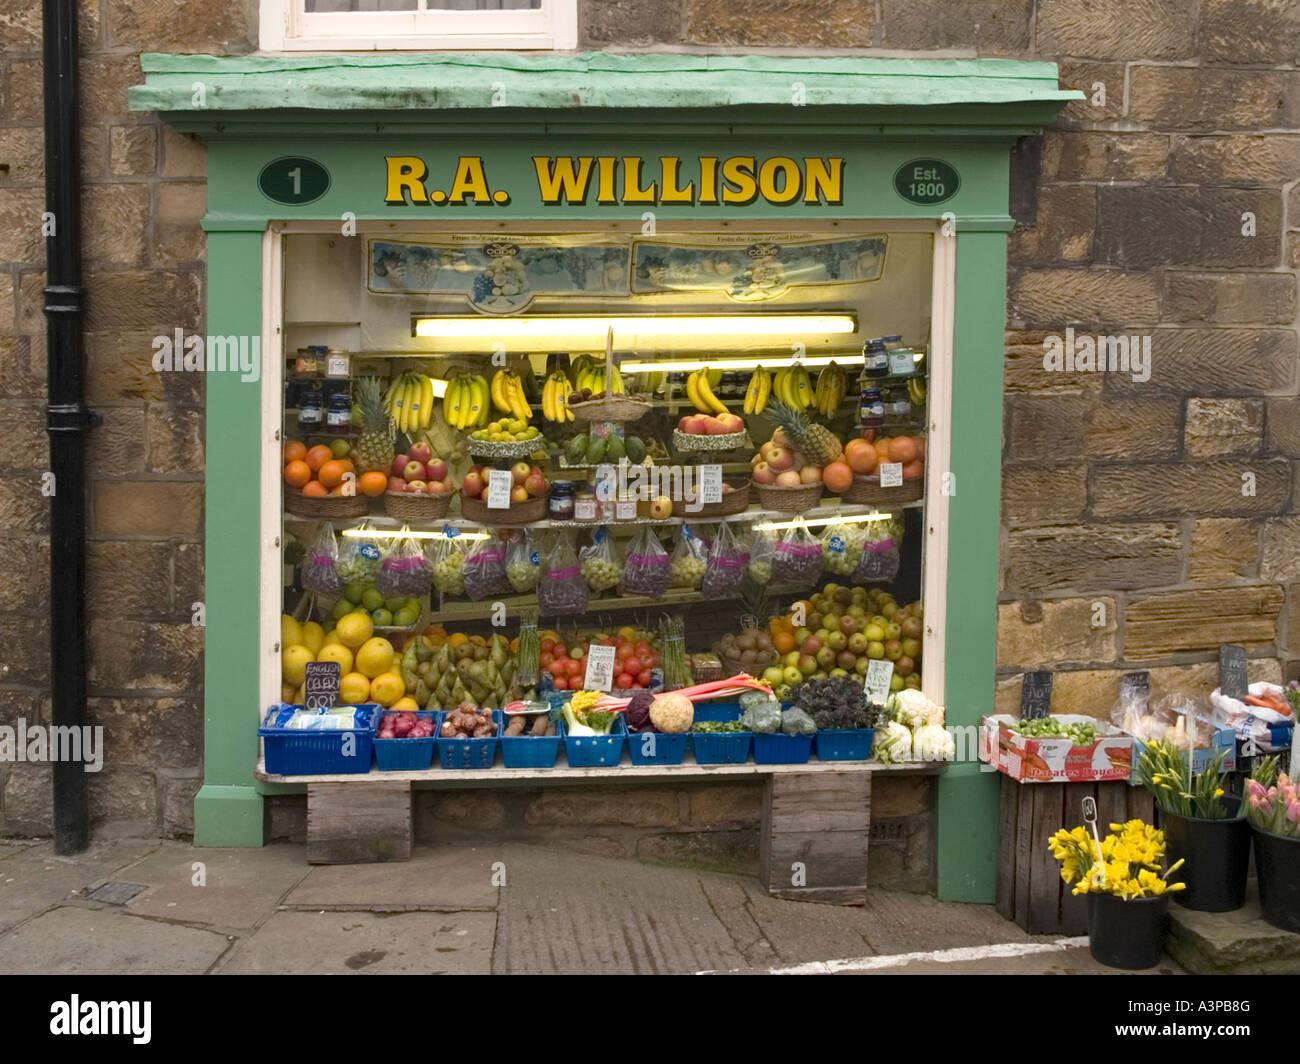 Une petite boutique de fleurs et de fruits, fondée en 1800, dans la région 01c79429a790